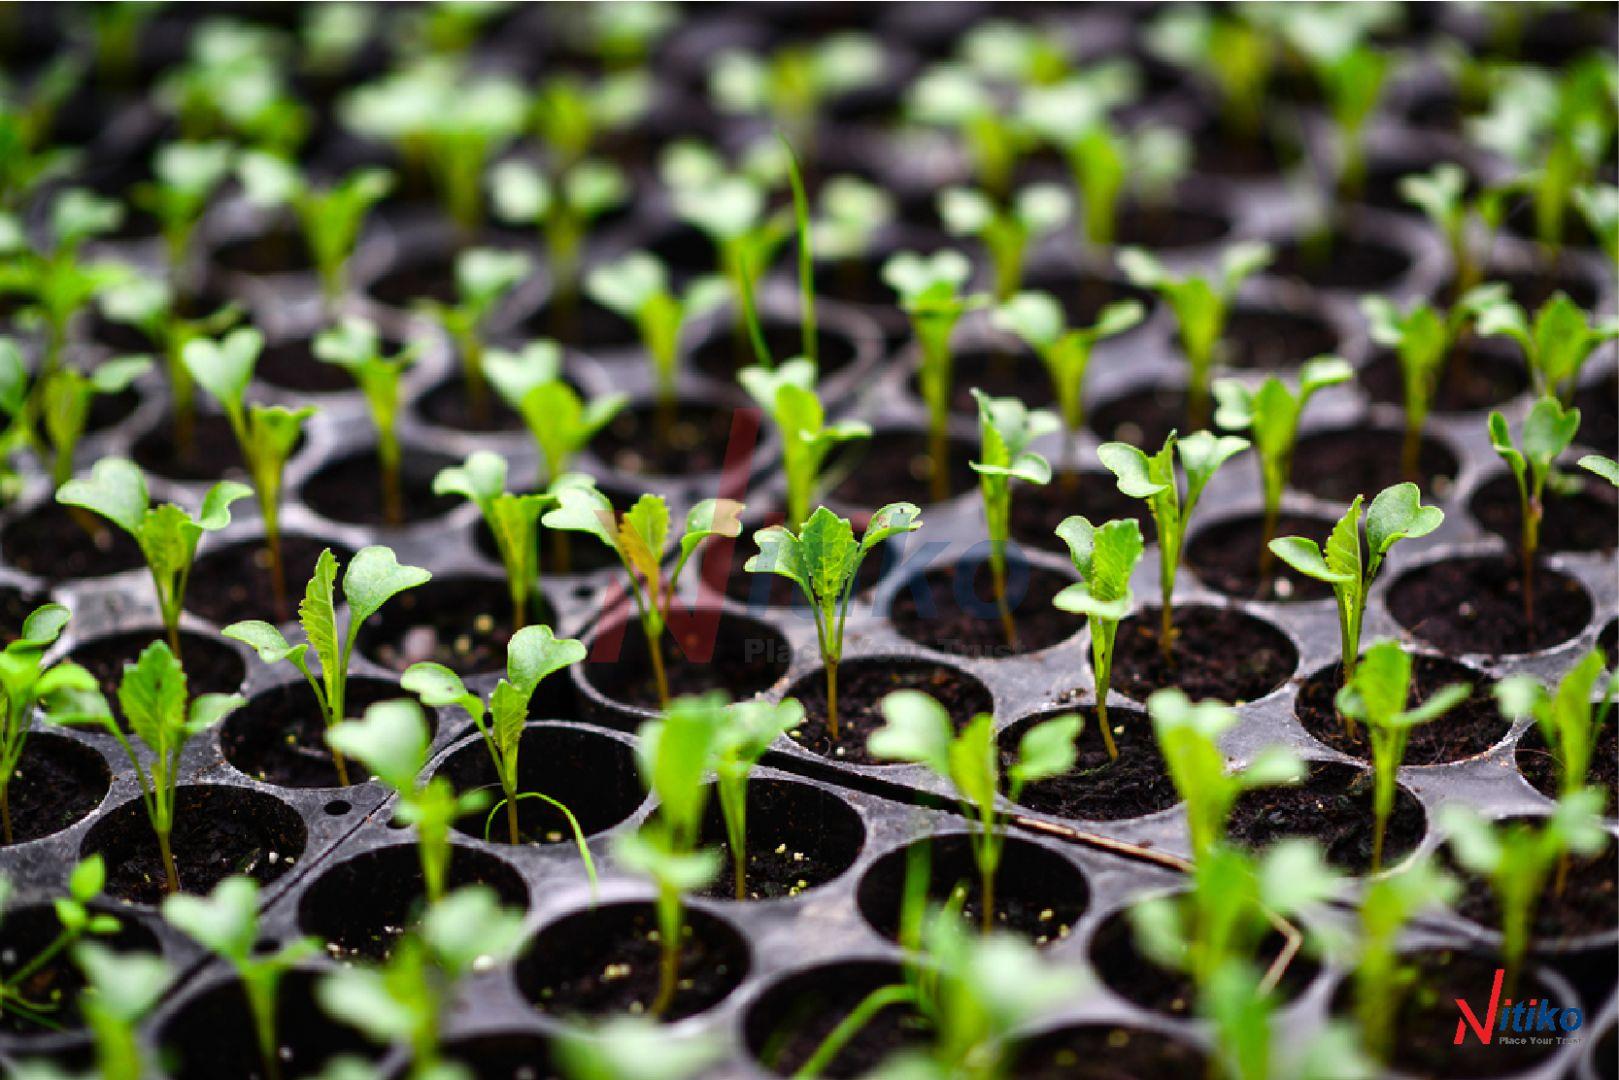 Khay ươm giúp tăng tỉ lệ nảy mầm cho hạt lên đến 98%